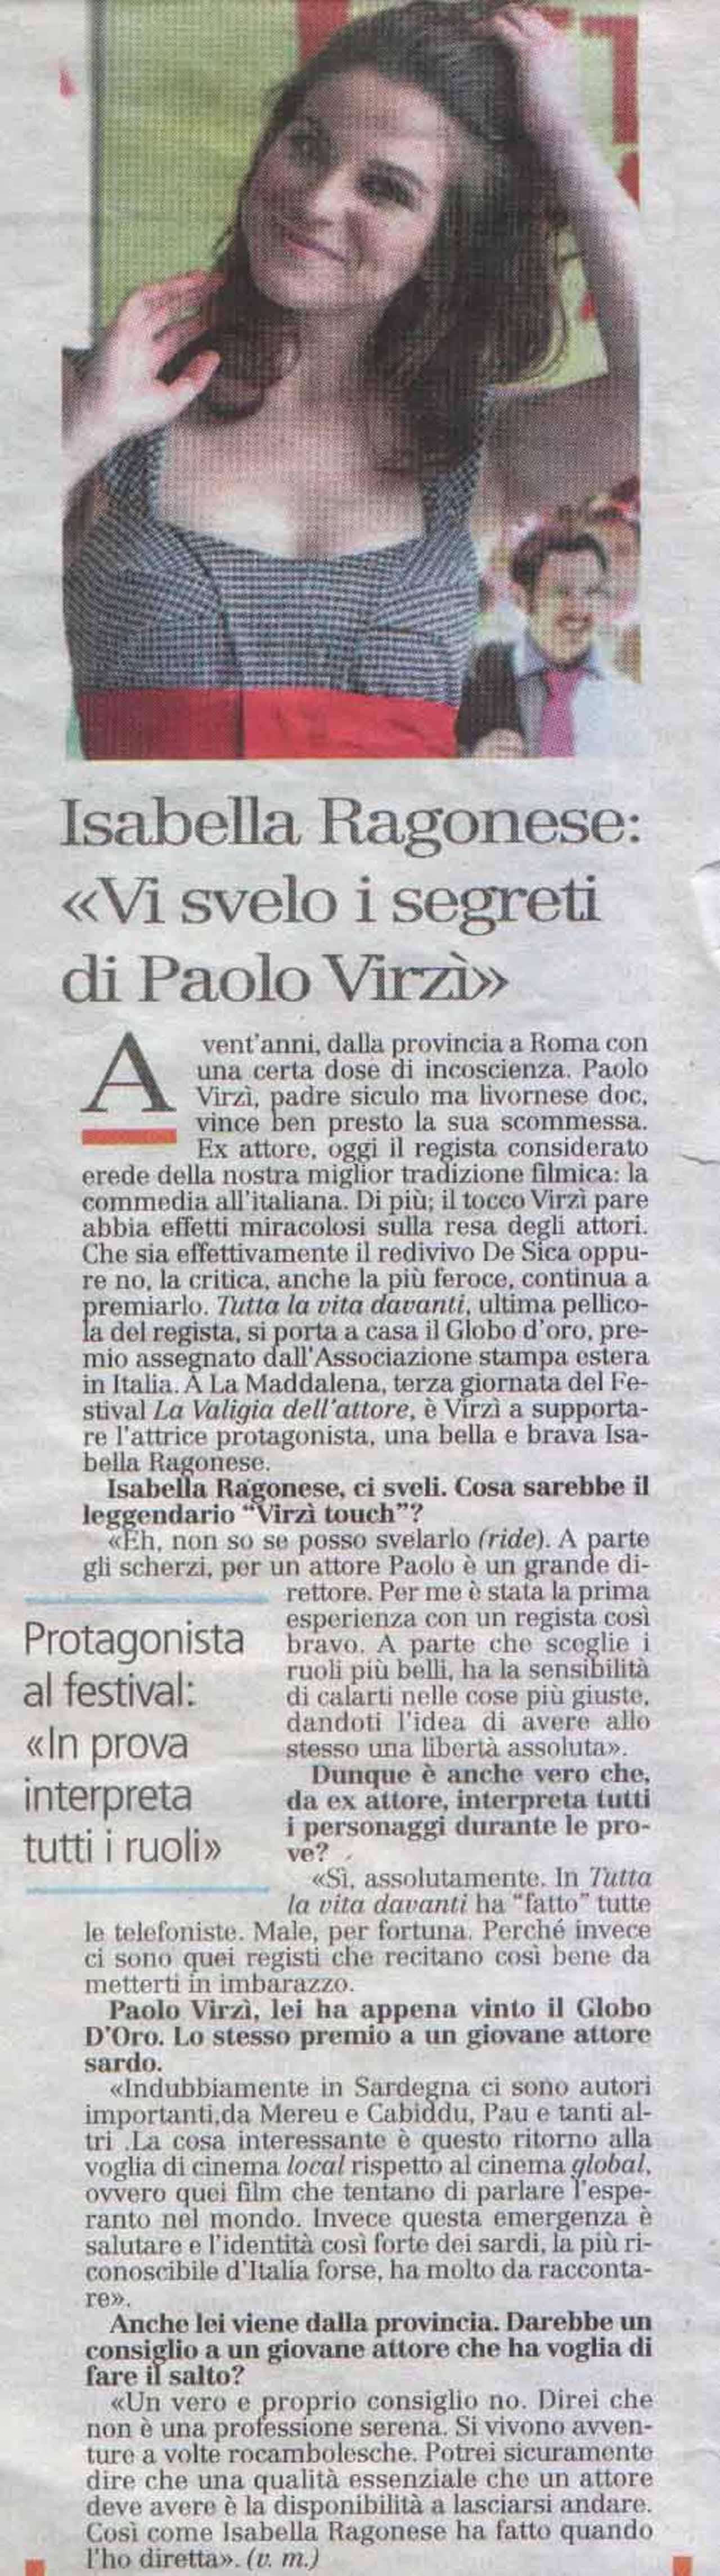 05-07-08 L'Unione Sarda Spettacoli